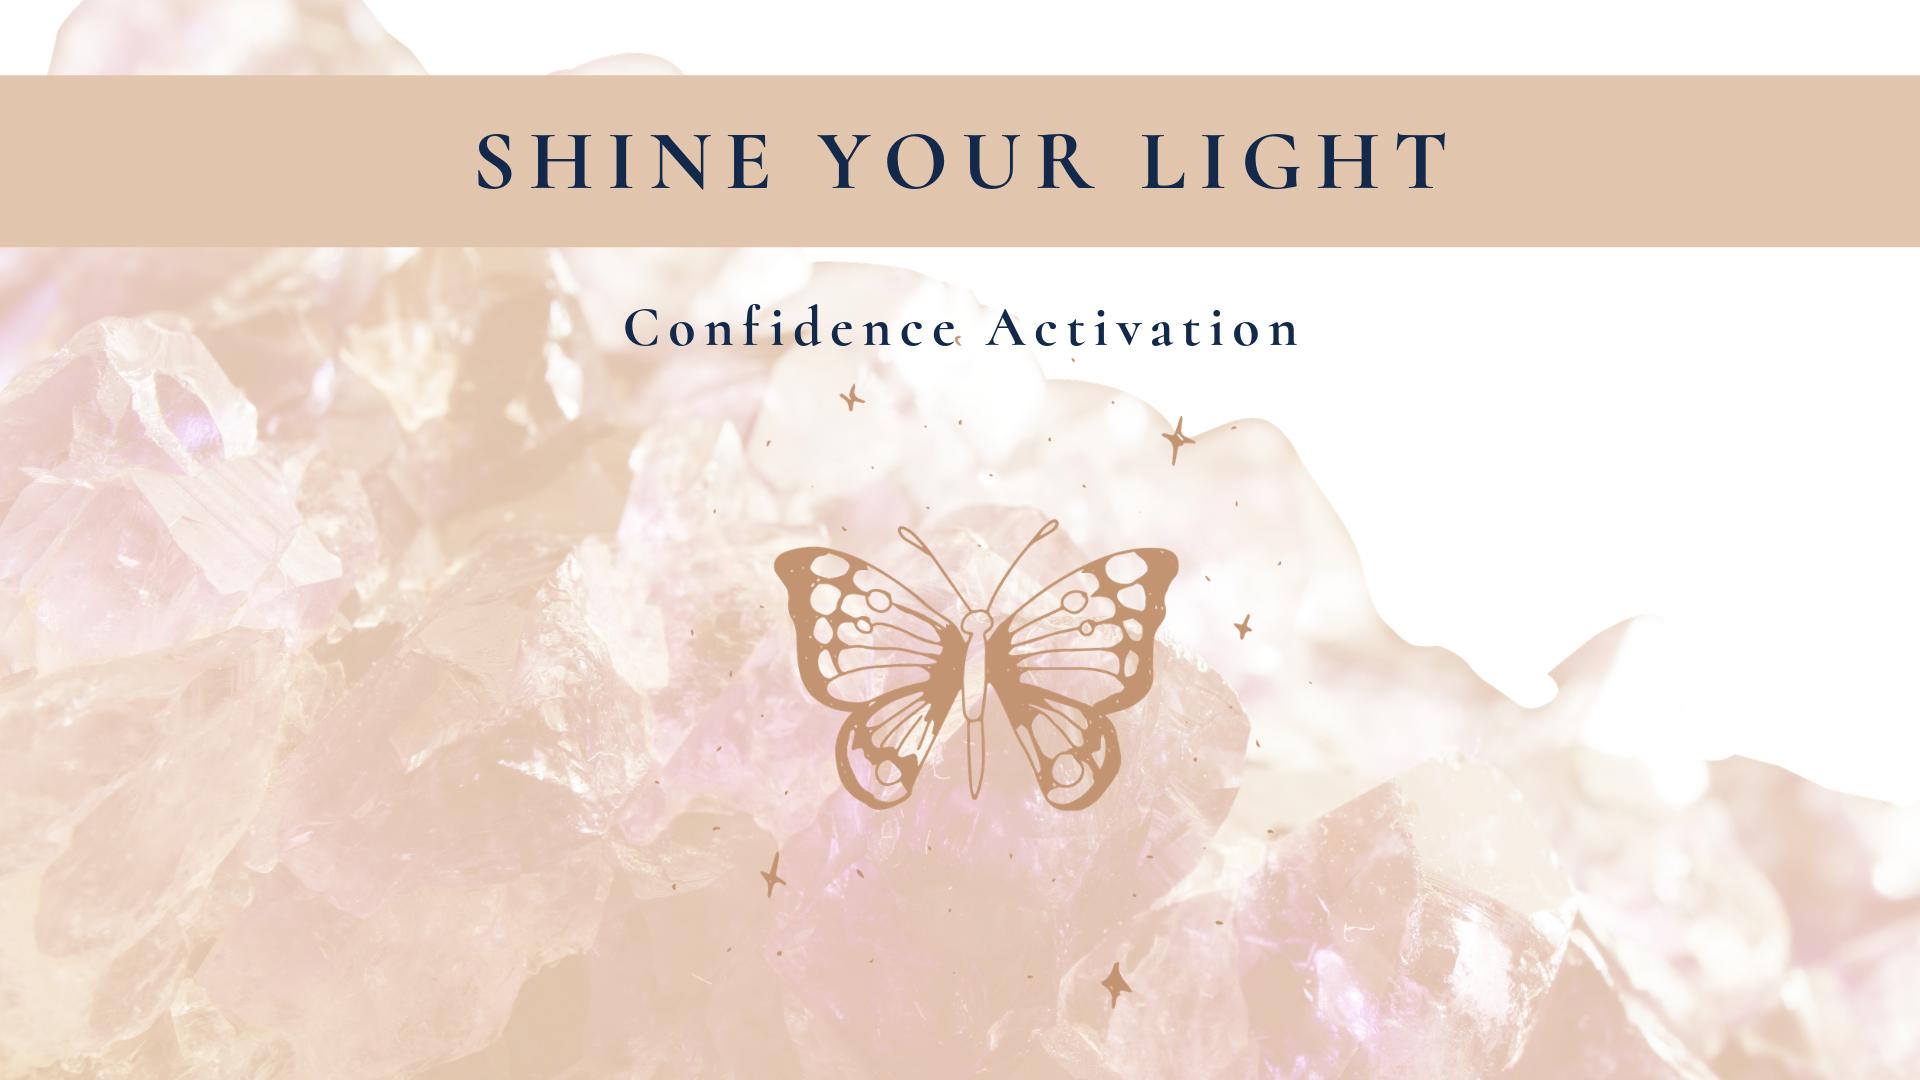 ShineYourLightConfidenceActivation.png